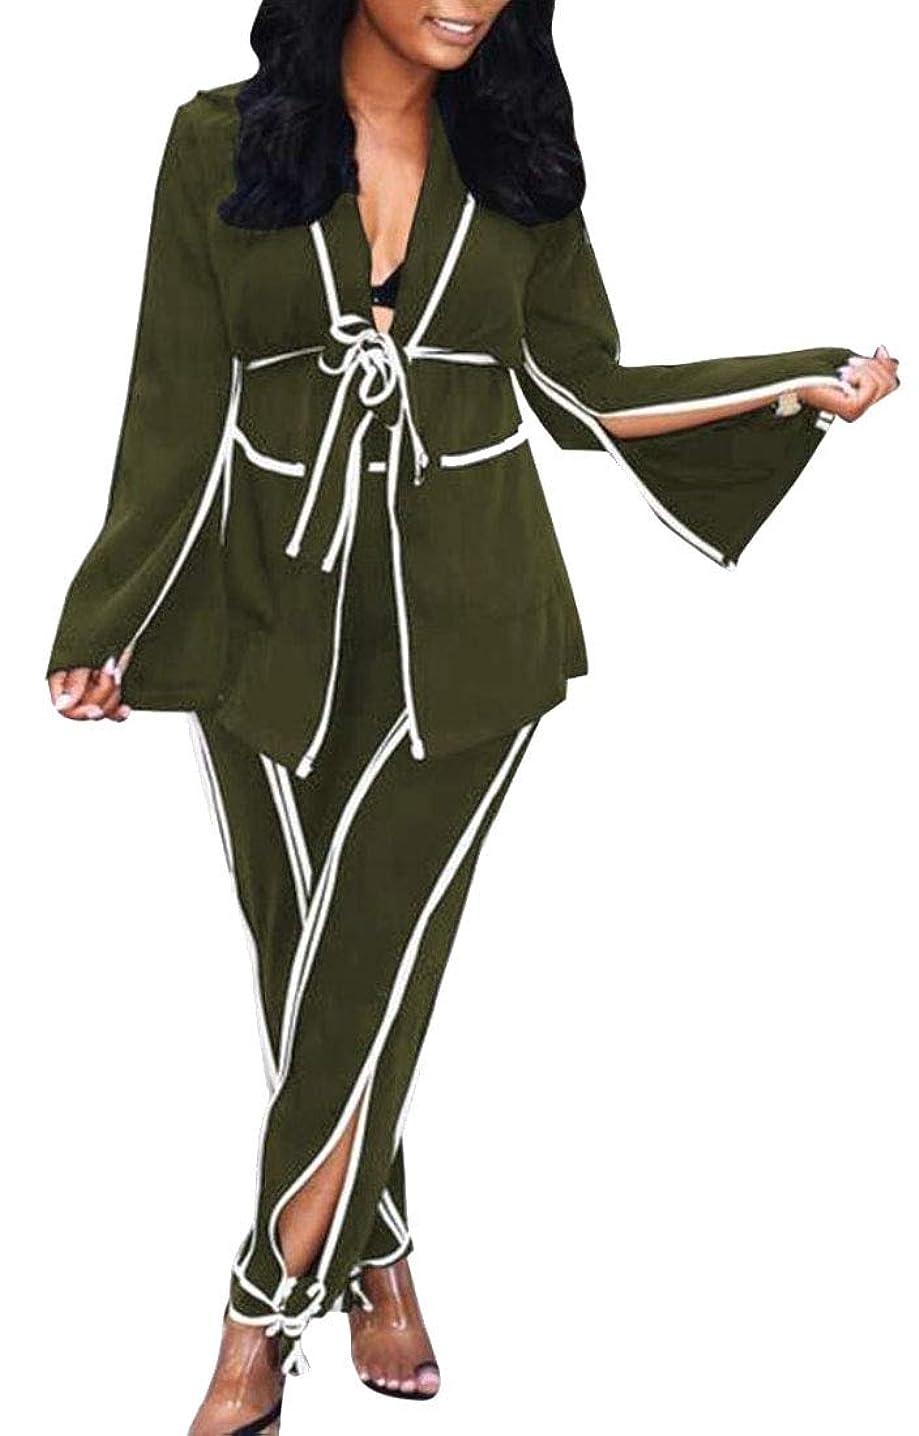 脈拍シニスタックレディースカジュアル2ピースセットタイノットブレザーバギースプリットパンツの衣装